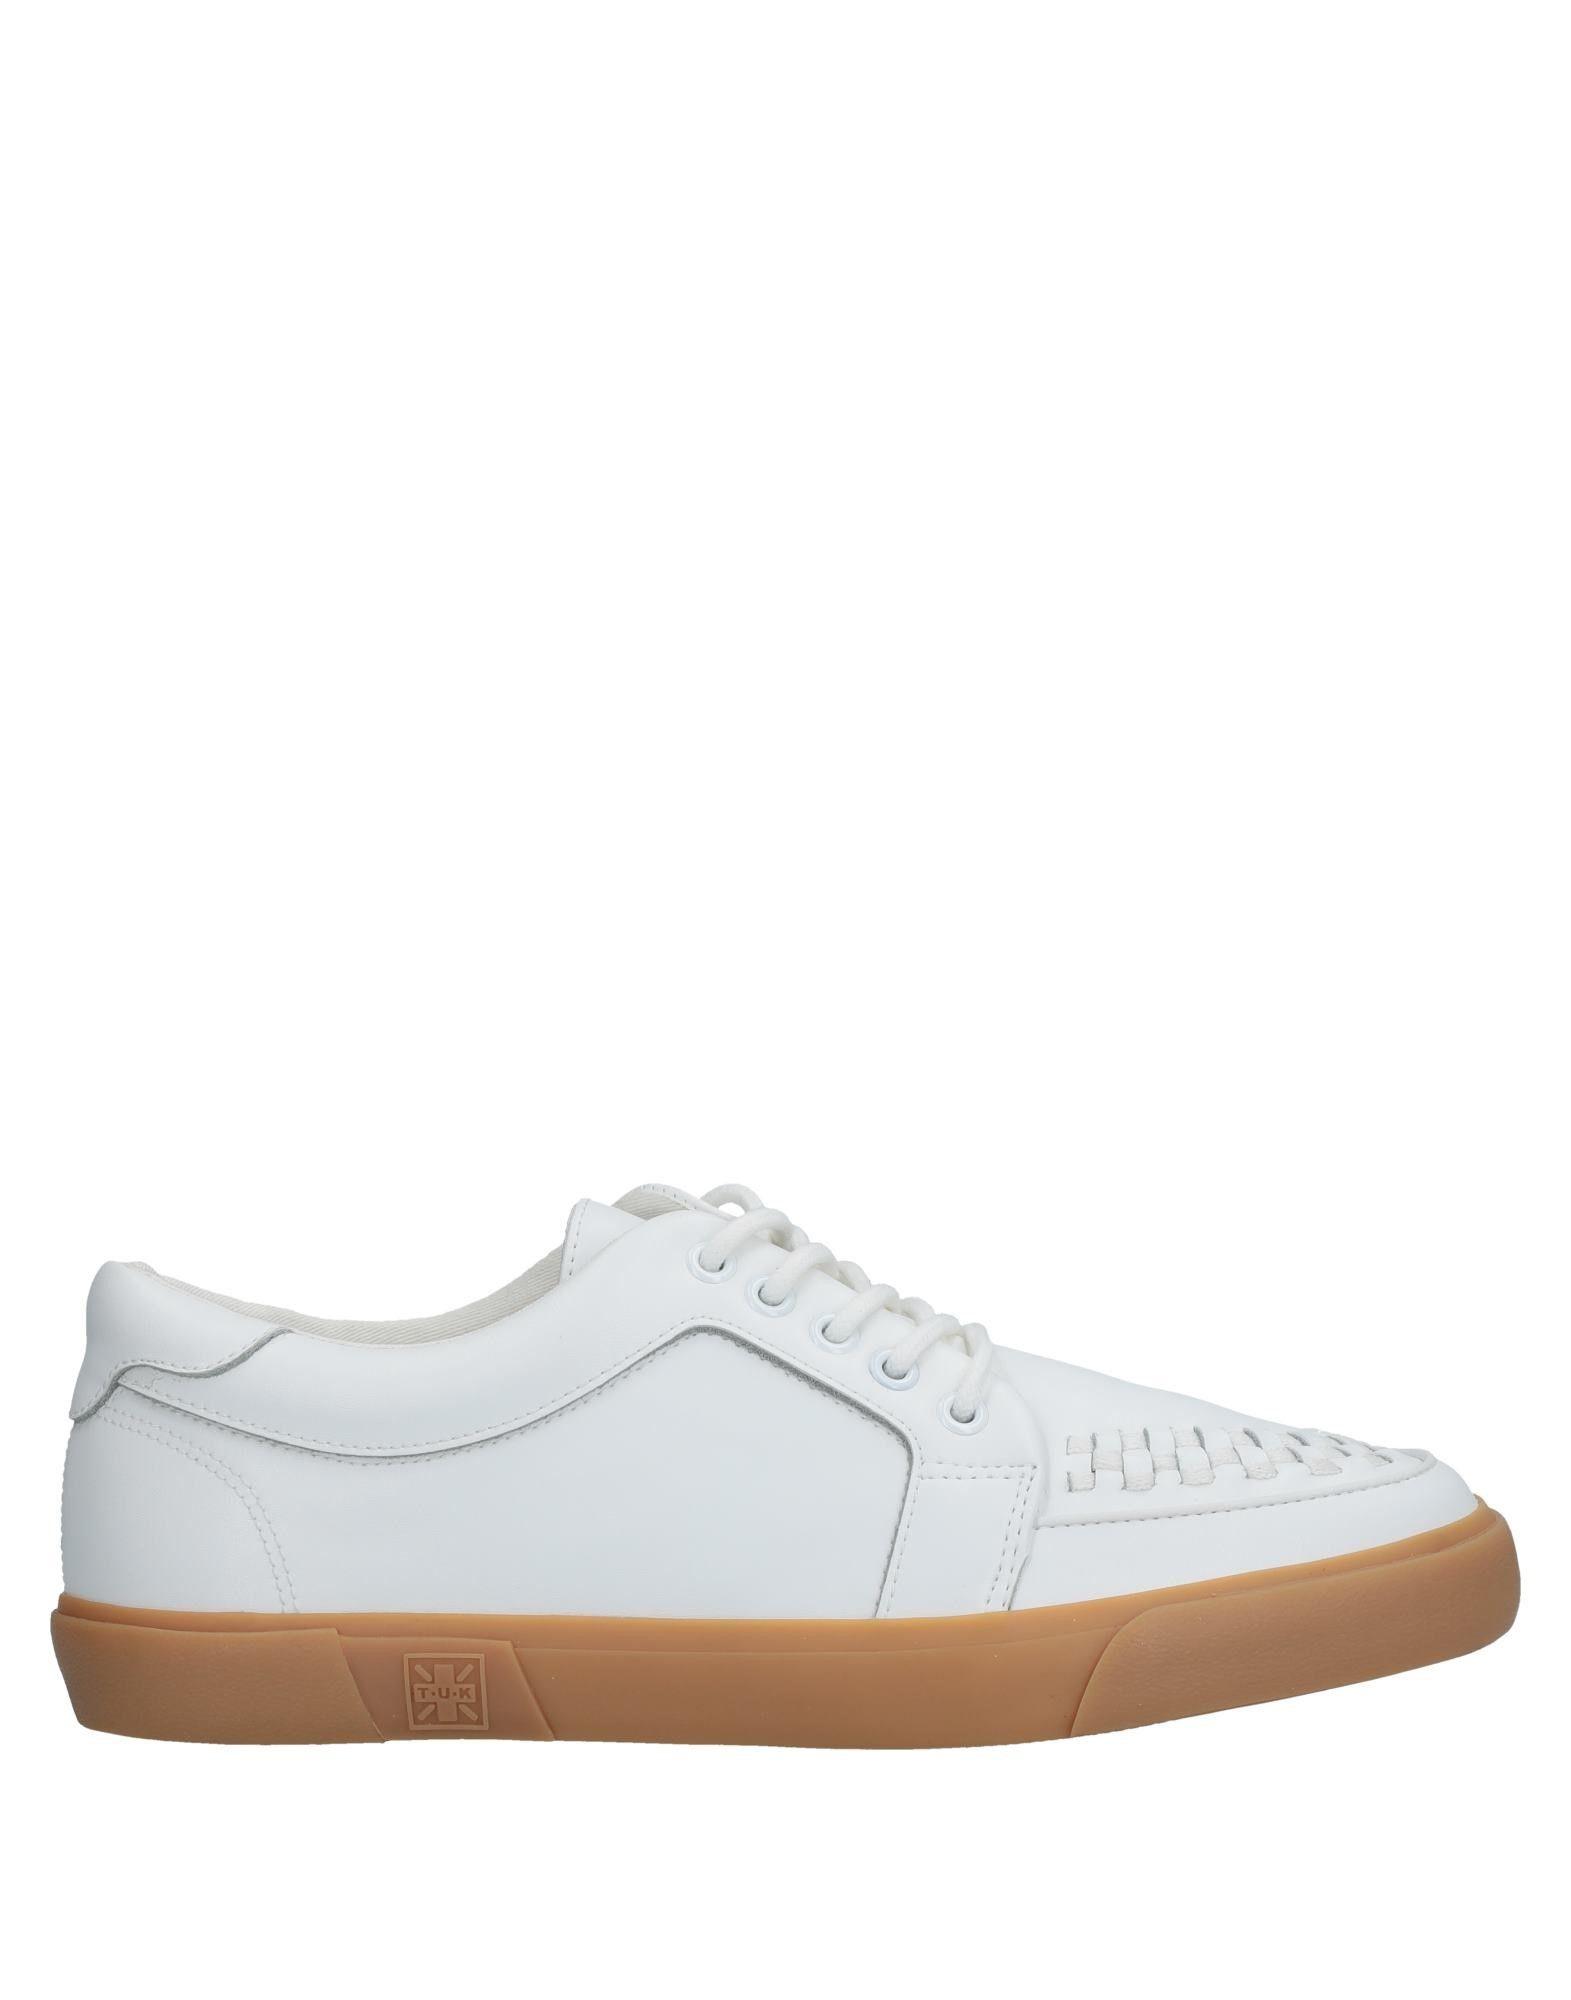 Rabatt echte Schuhe T.U.K Sneakers Herren  11528304HA